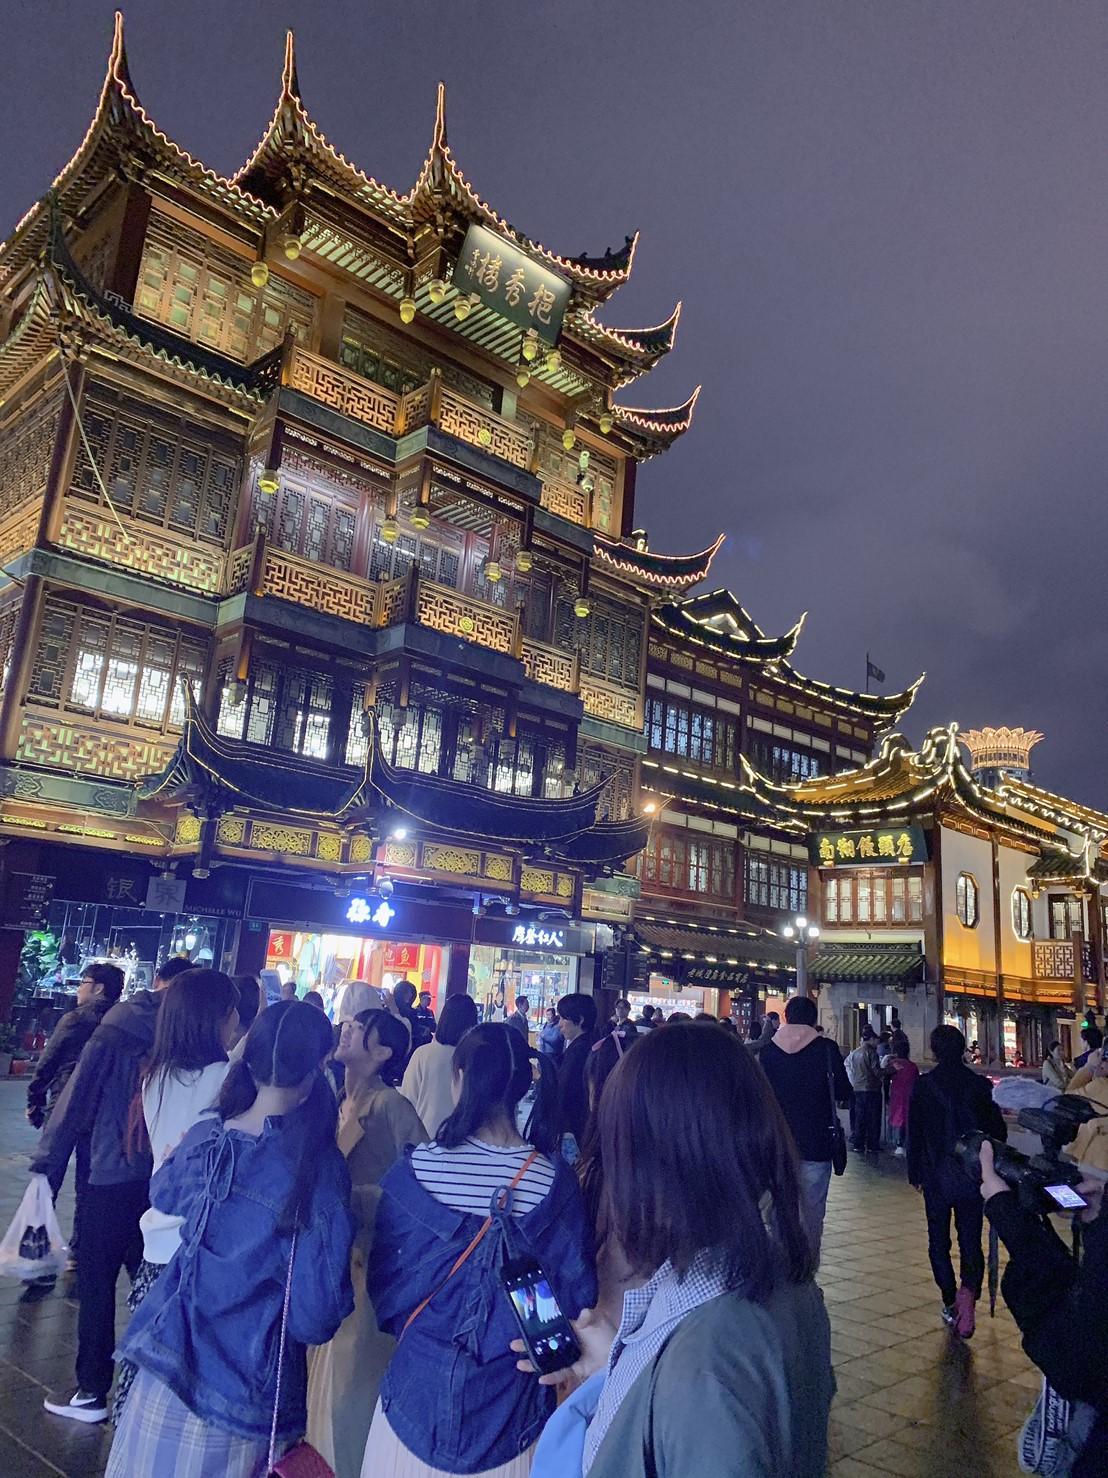 上海観光を満喫中のイコラブちゃんだよ。